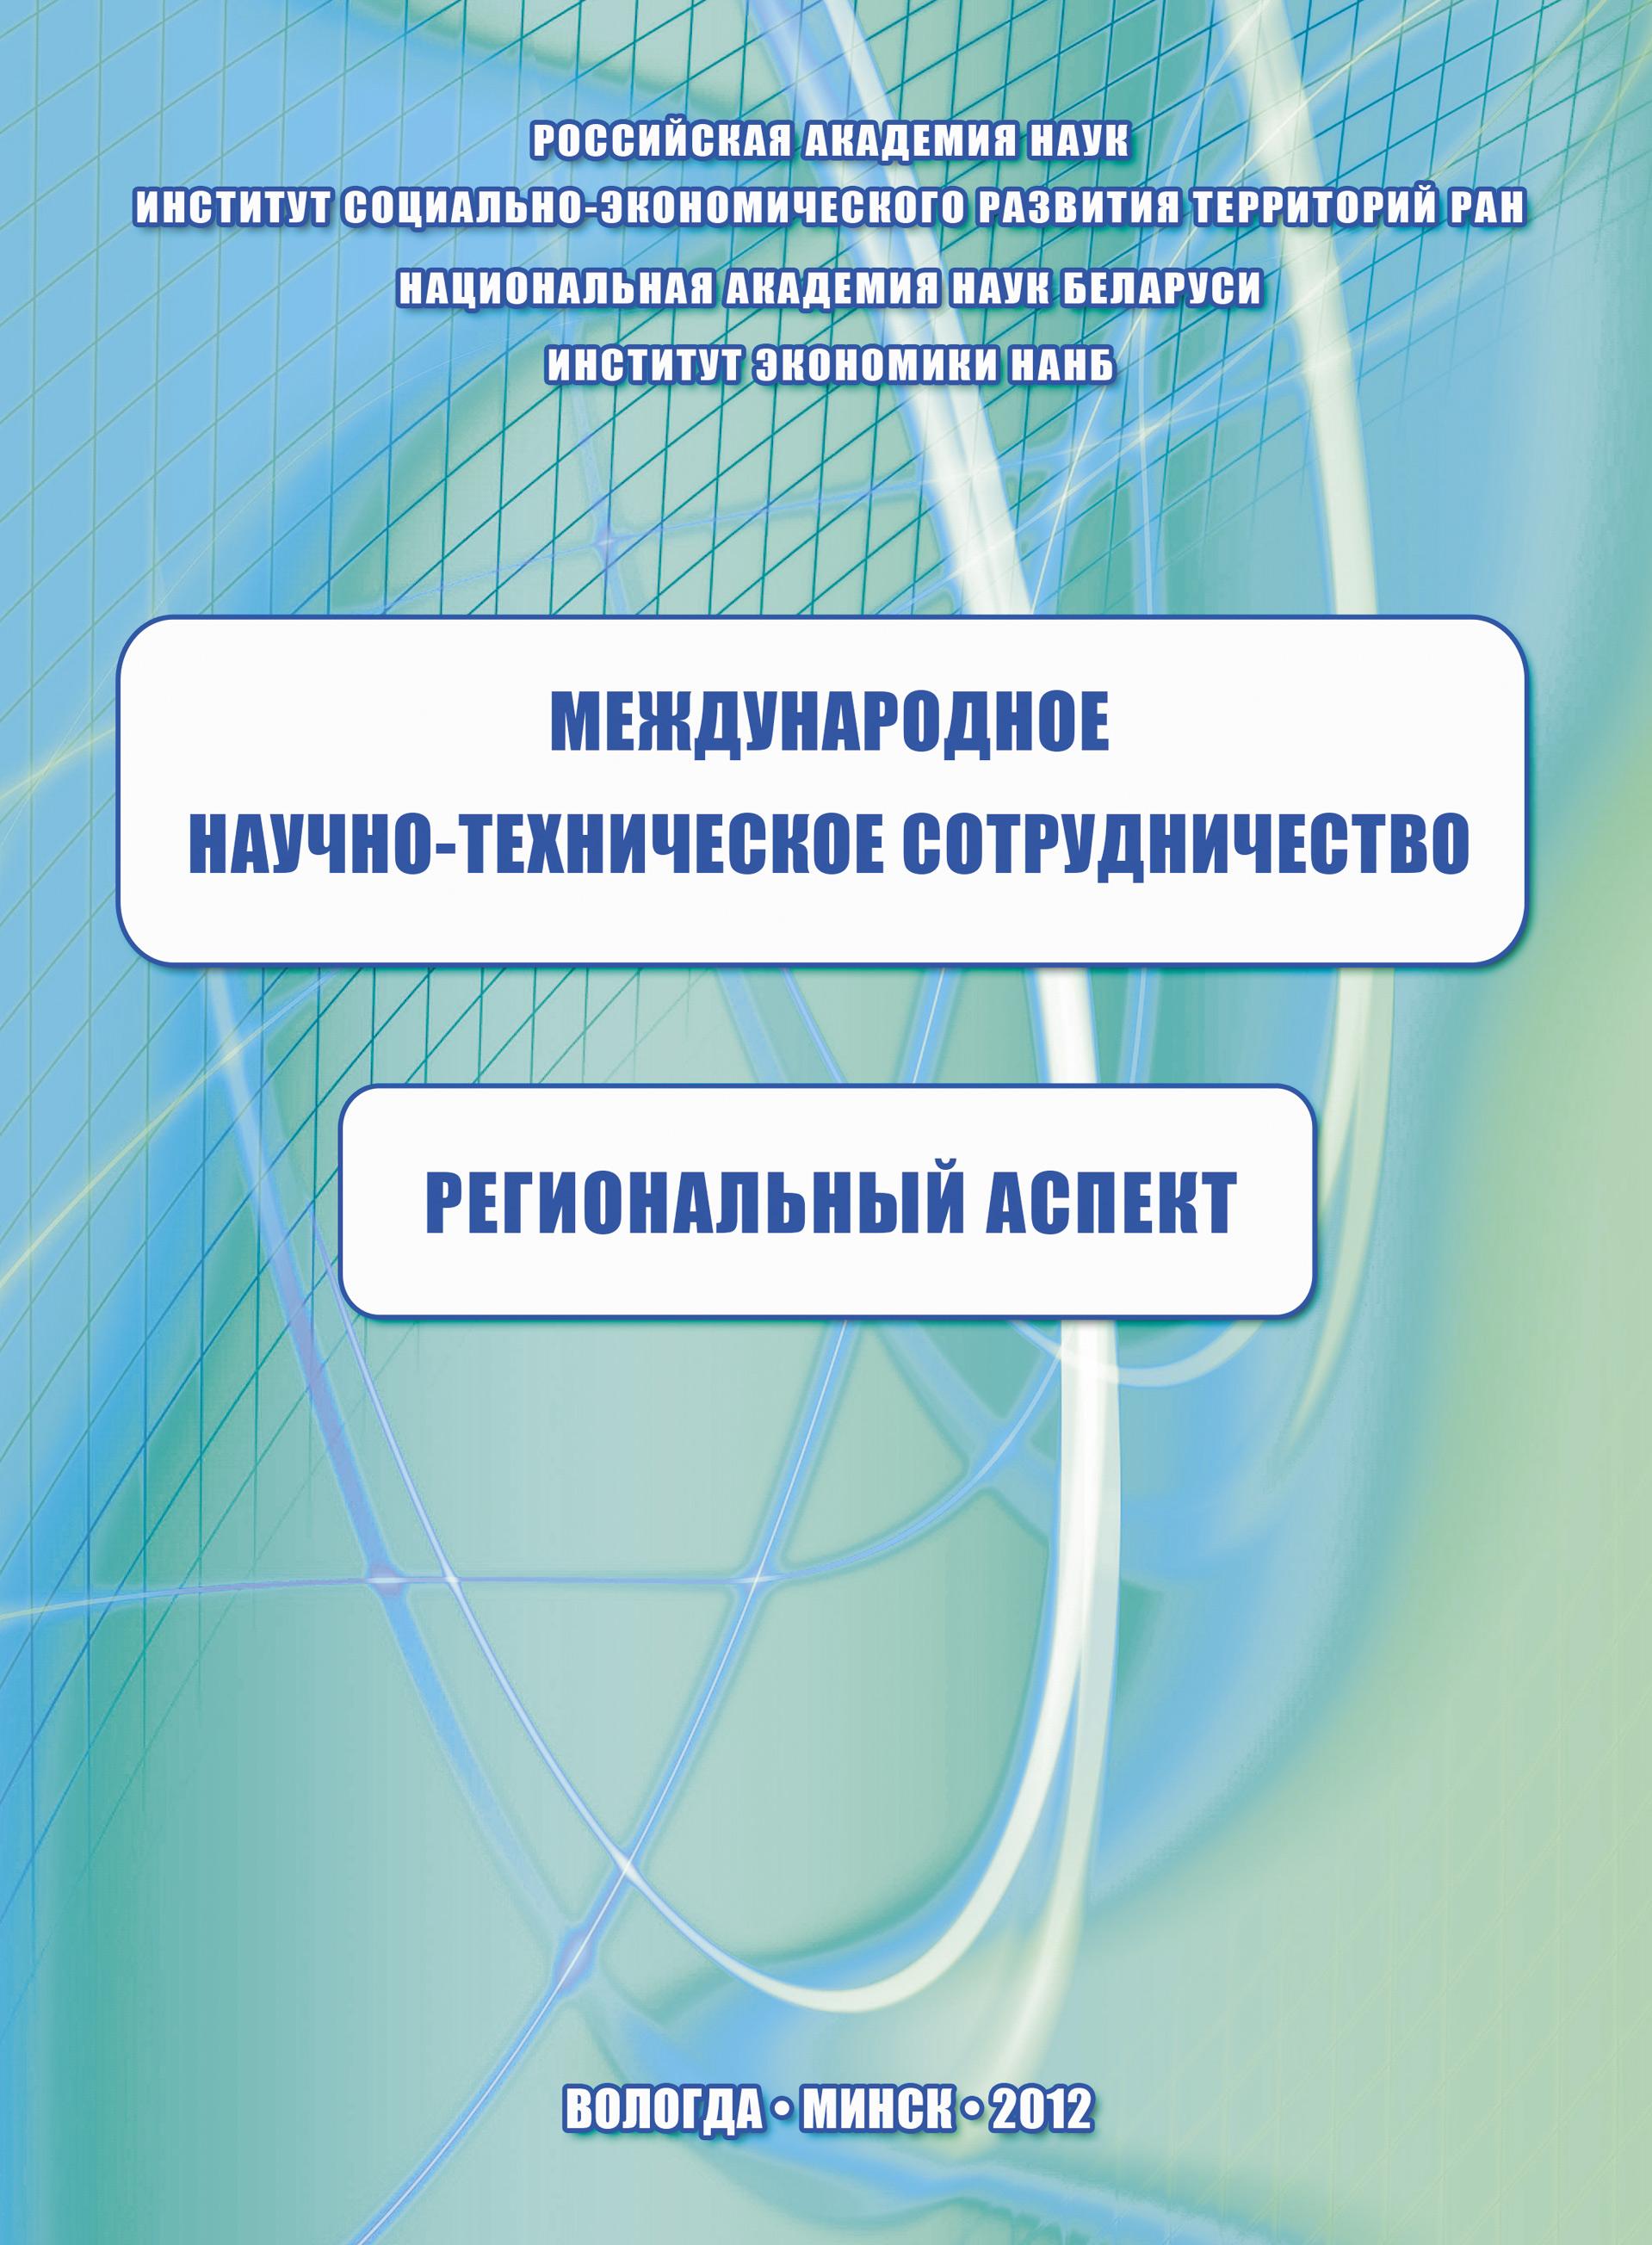 К. А. Задумкин Международное научно-техническое сотрудничество: региональный аспект